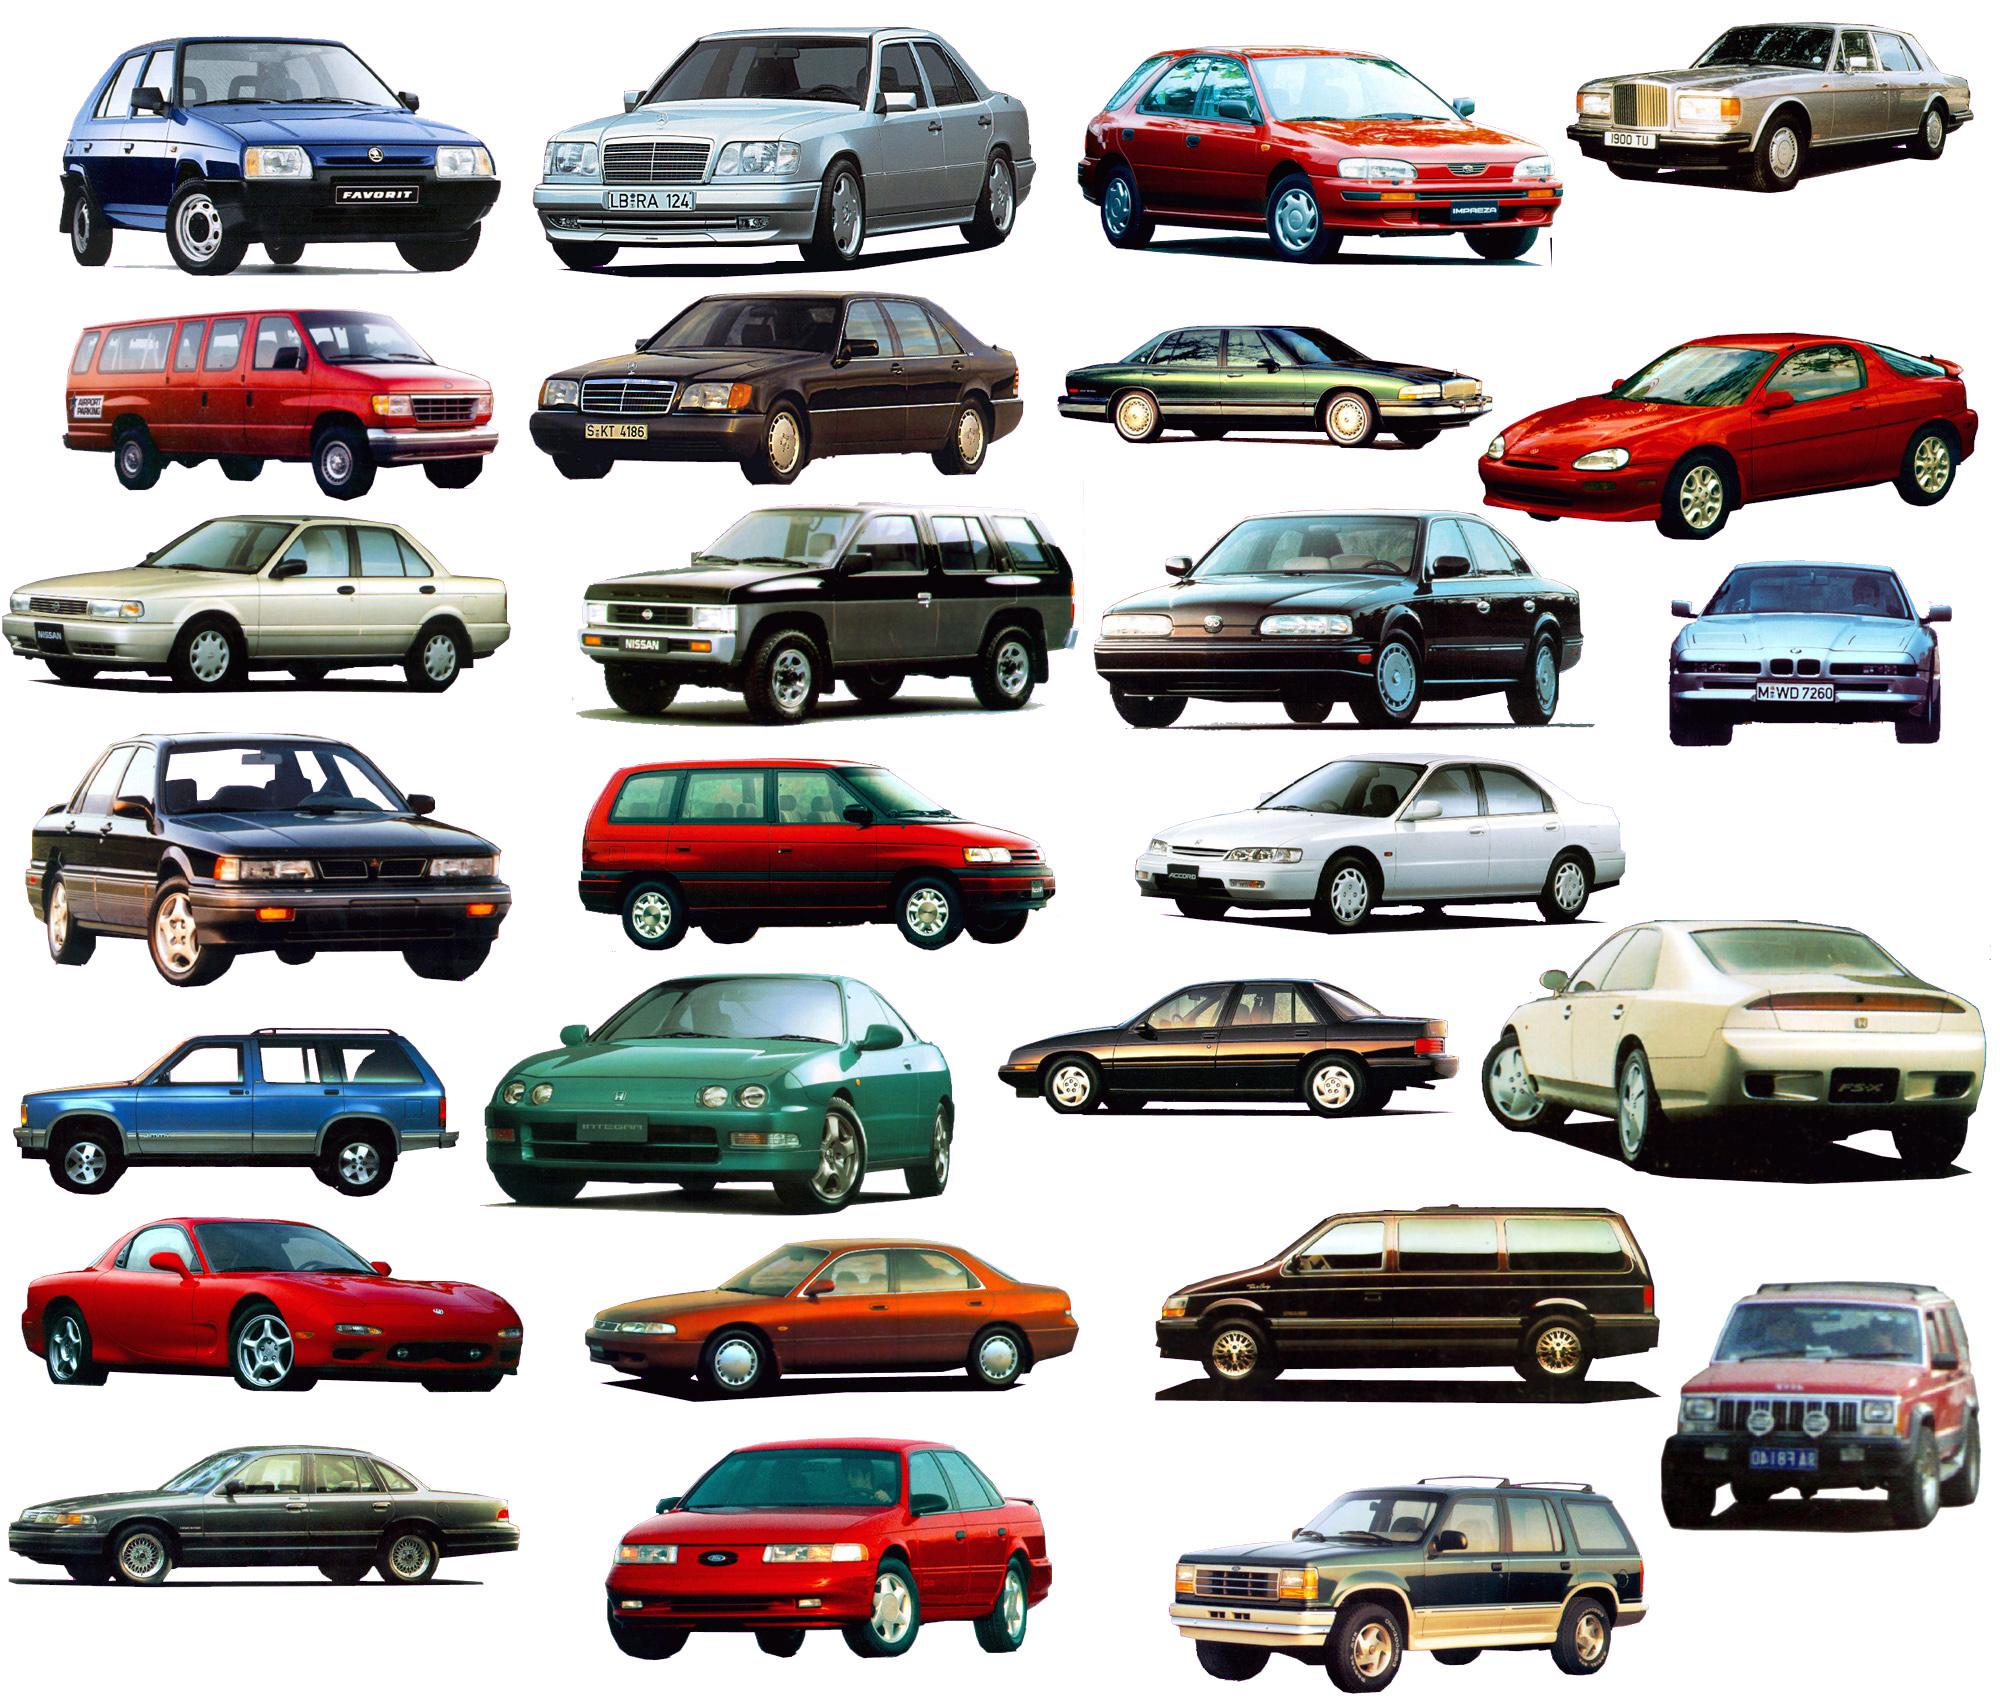 相关专题:小汽车平面